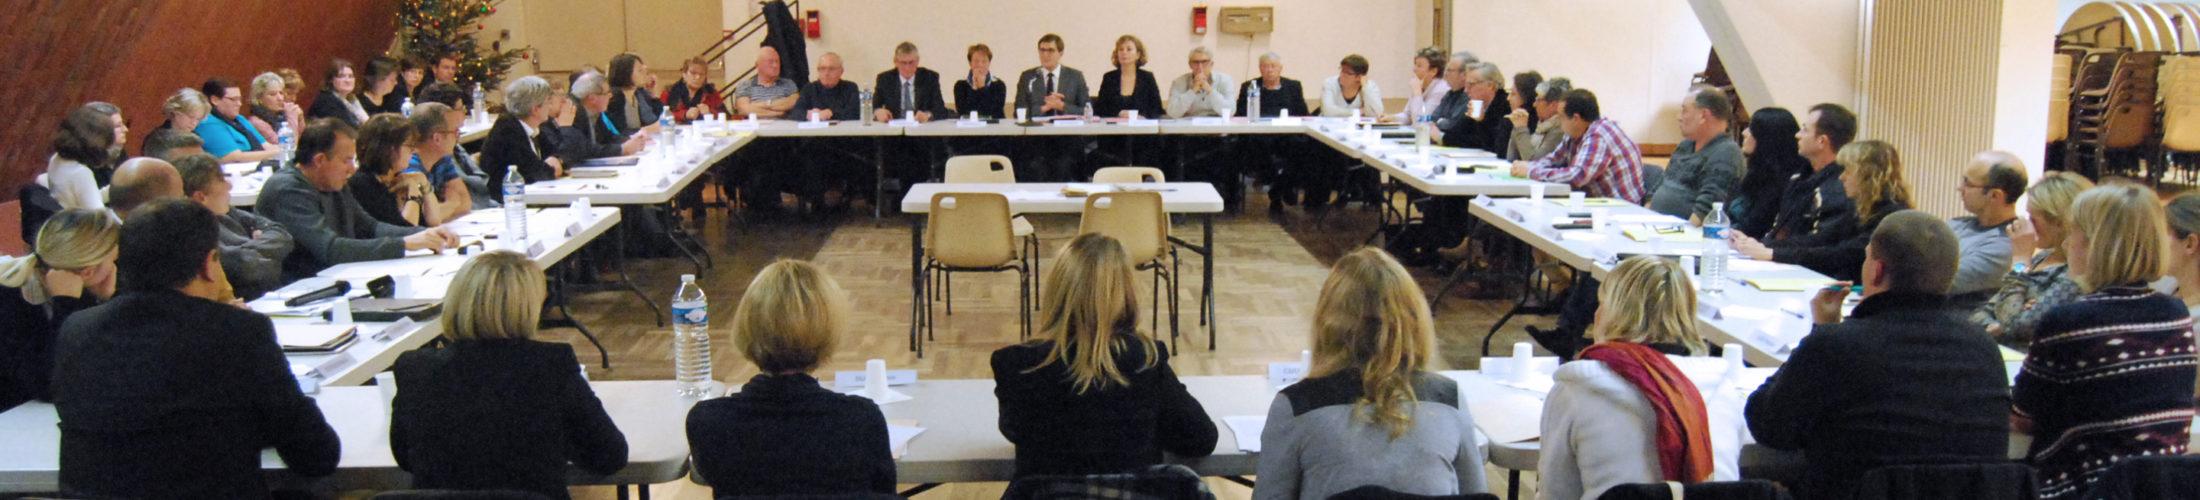 Les comptes rendus Retrouvez ici tous les comptes rendus des séances du Conseil Municipal de Rives-en-Seine. Le Conseil Municipal se réunit au moins 1